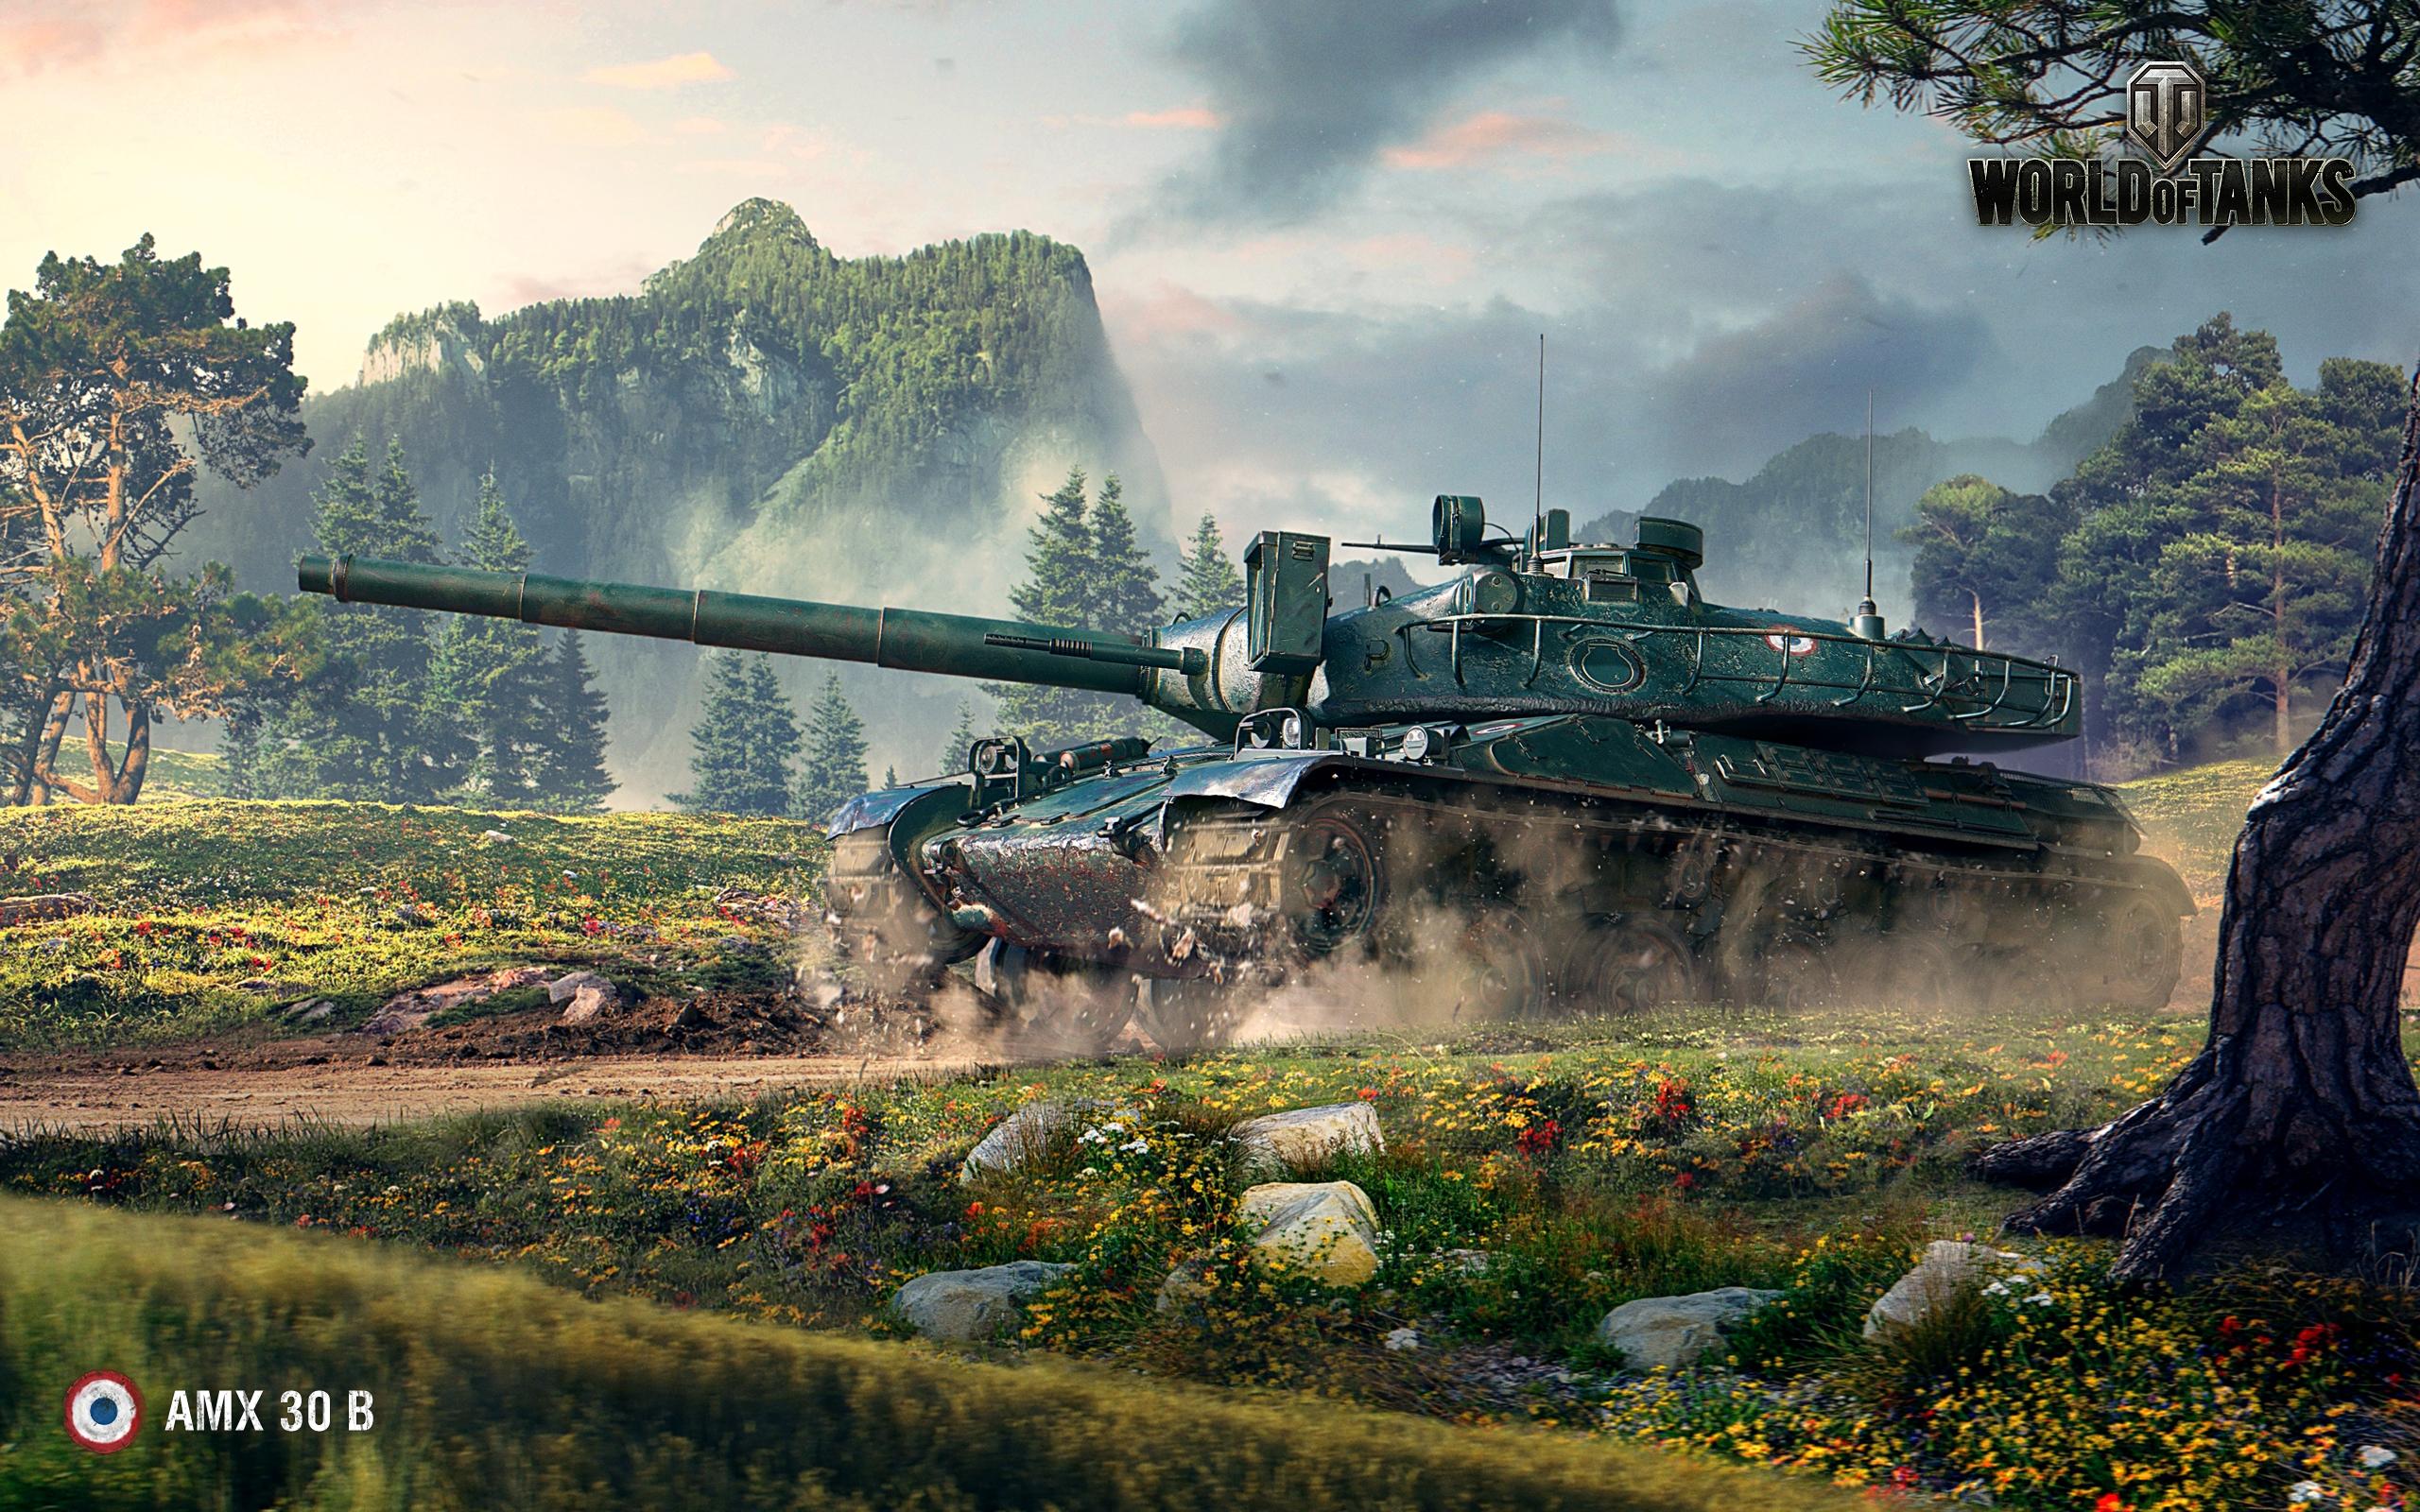 Амх 30б Мир танков. обои скачать